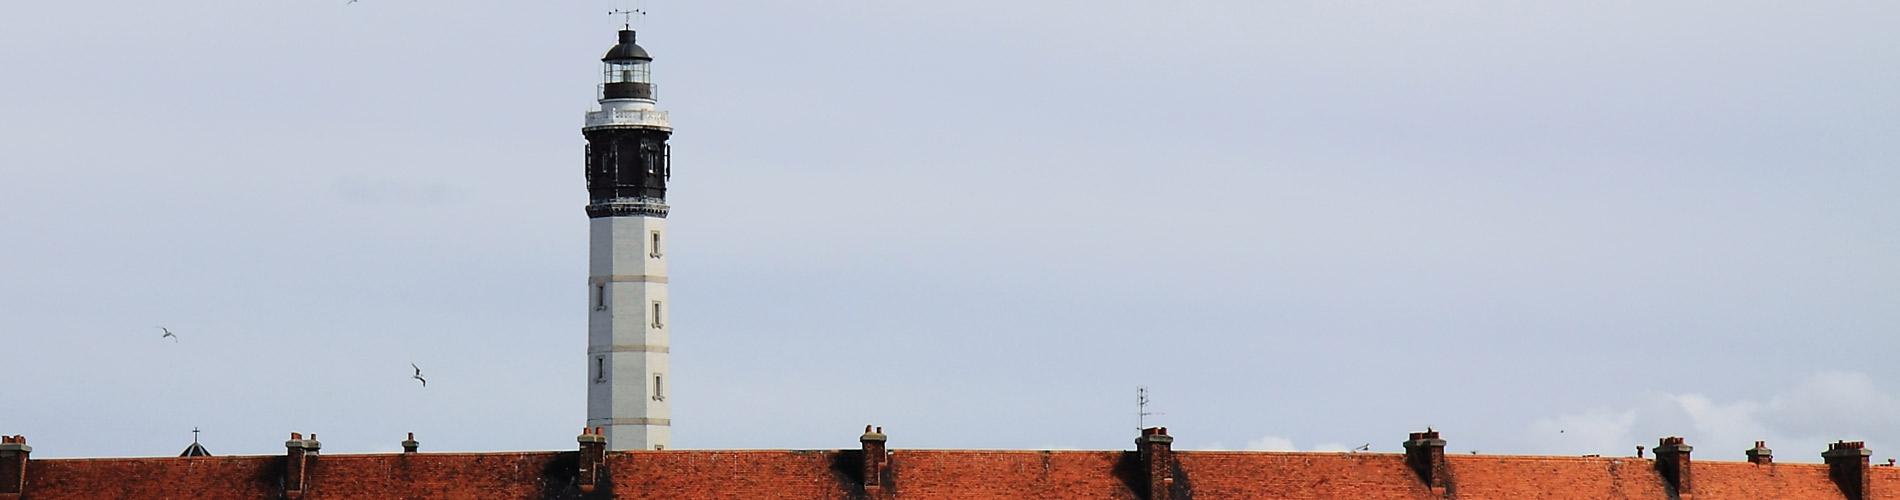 Blog_DayOut_Calais_Lighthouse_1900x500_Q120